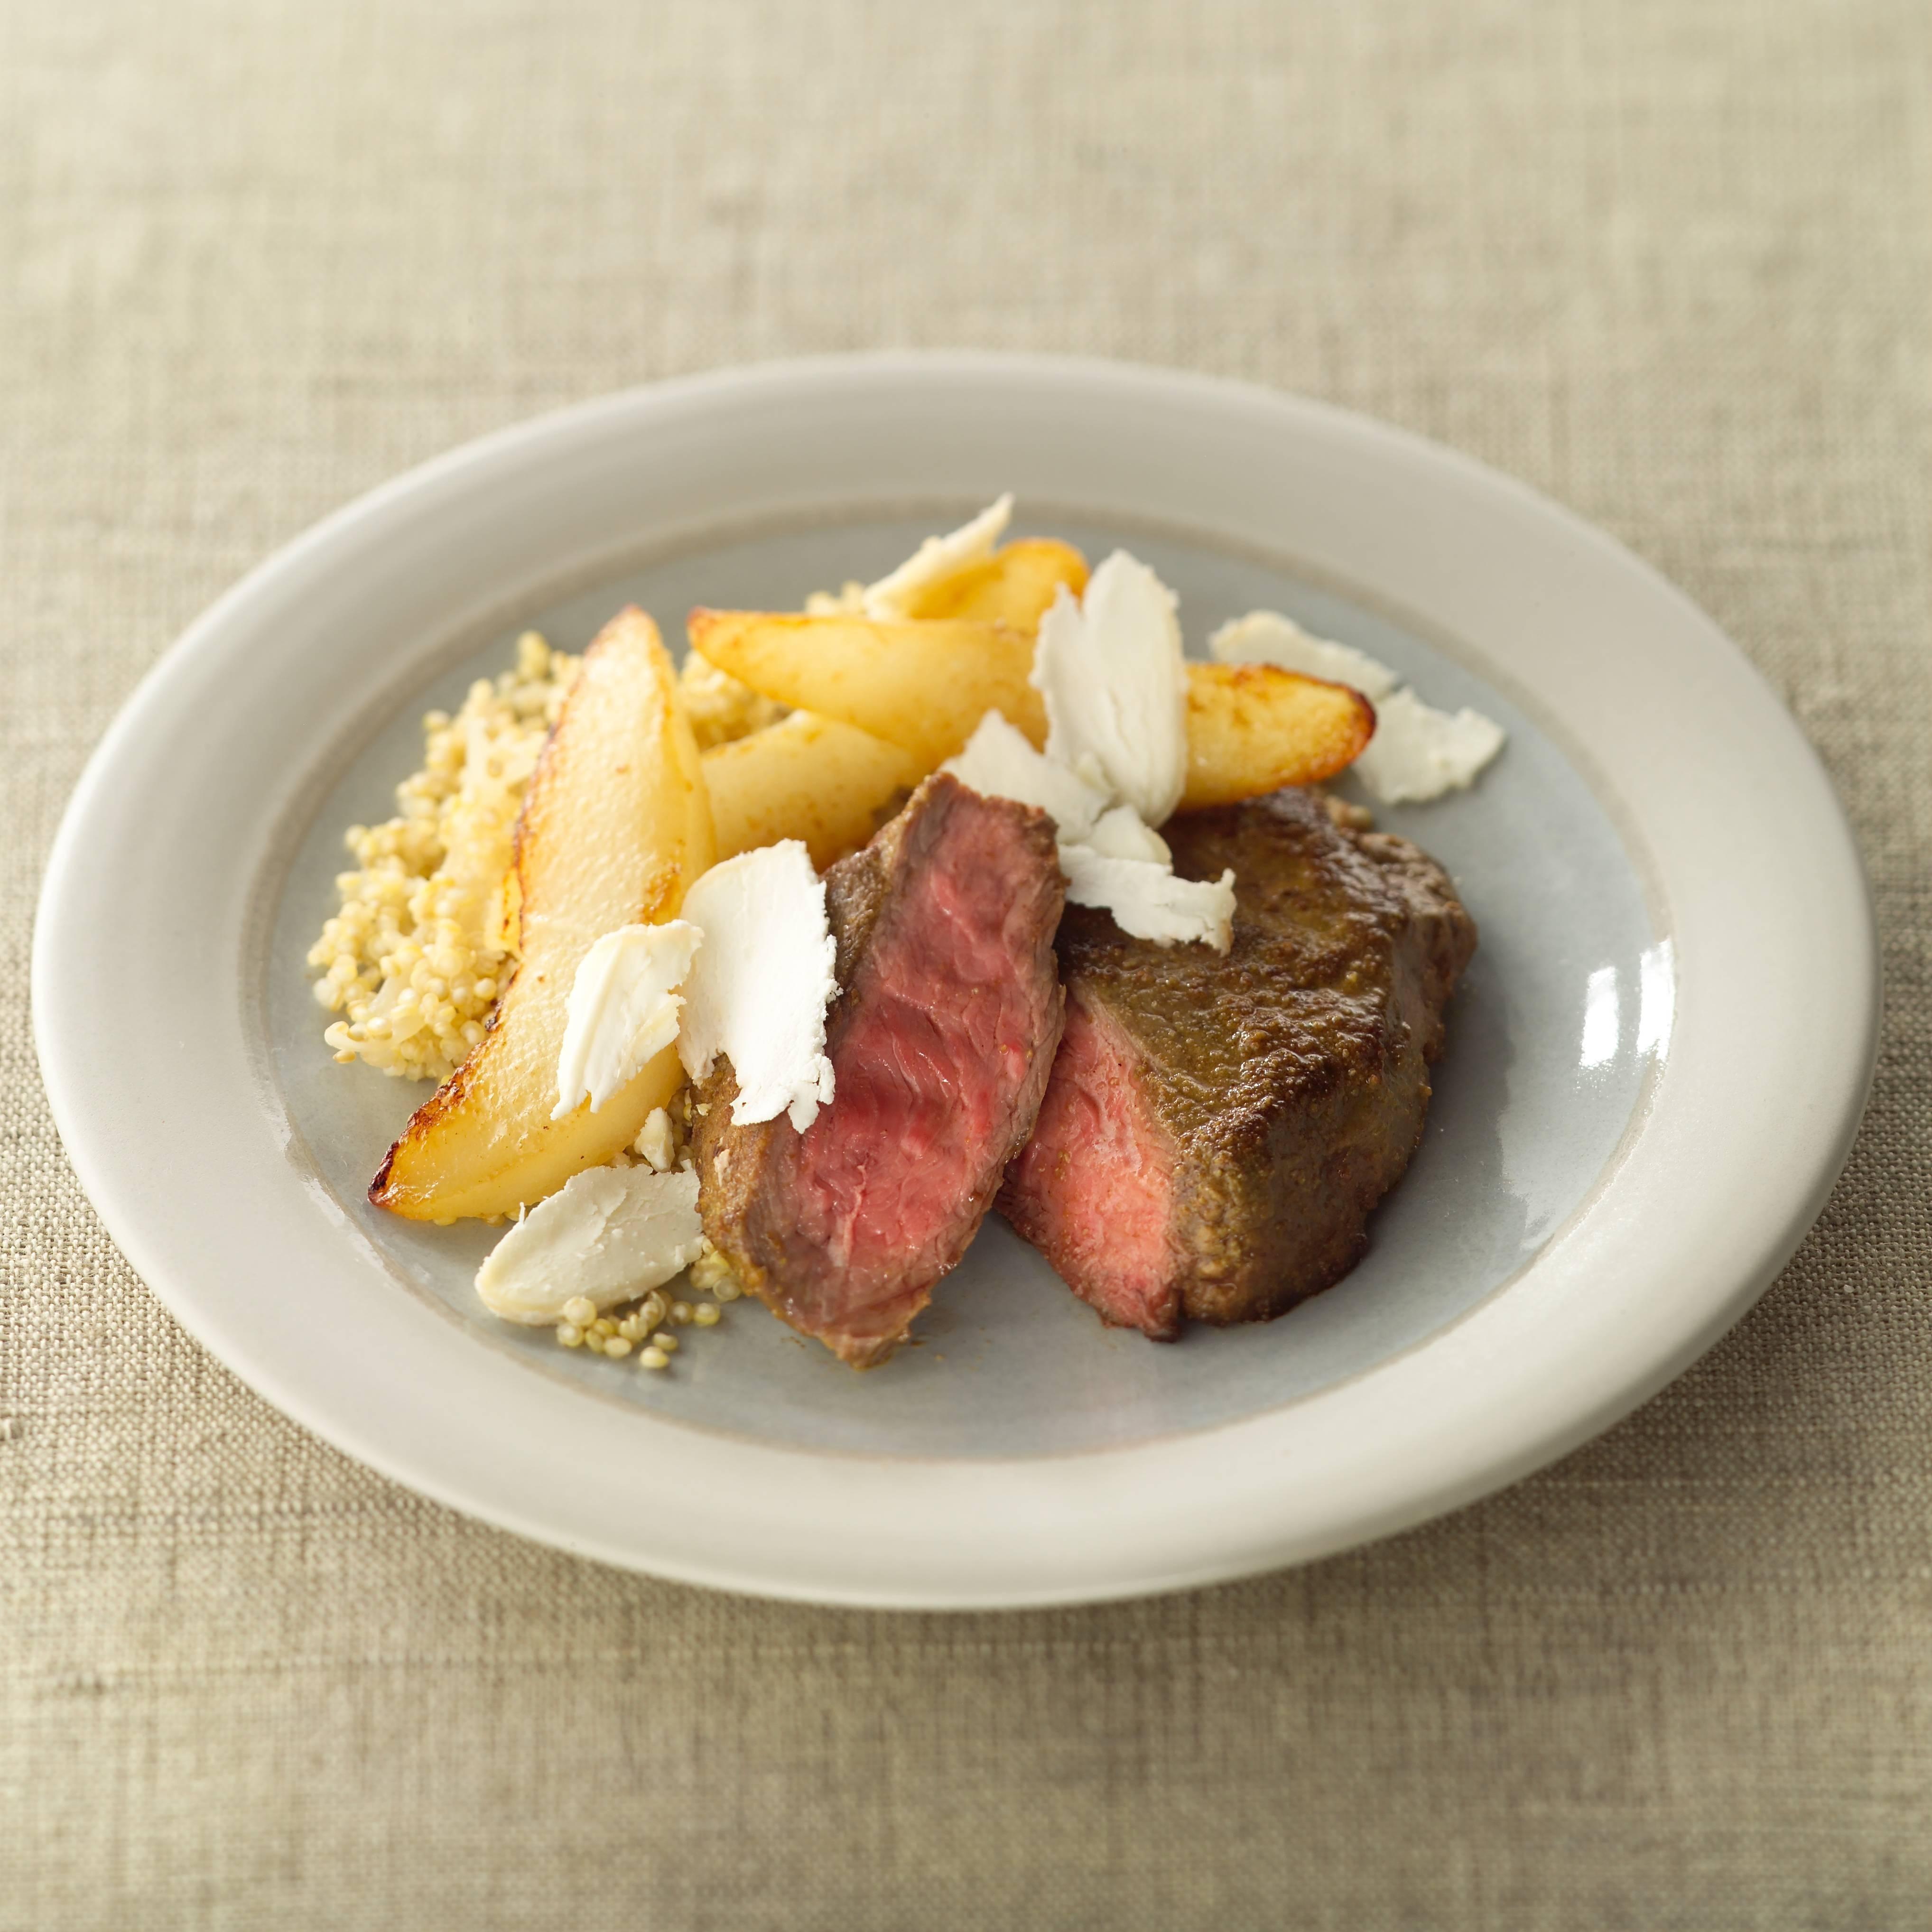 Poire de boeuf quinoa et poire recettes de cuisine la - Comment cuisiner la poire de boeuf ...